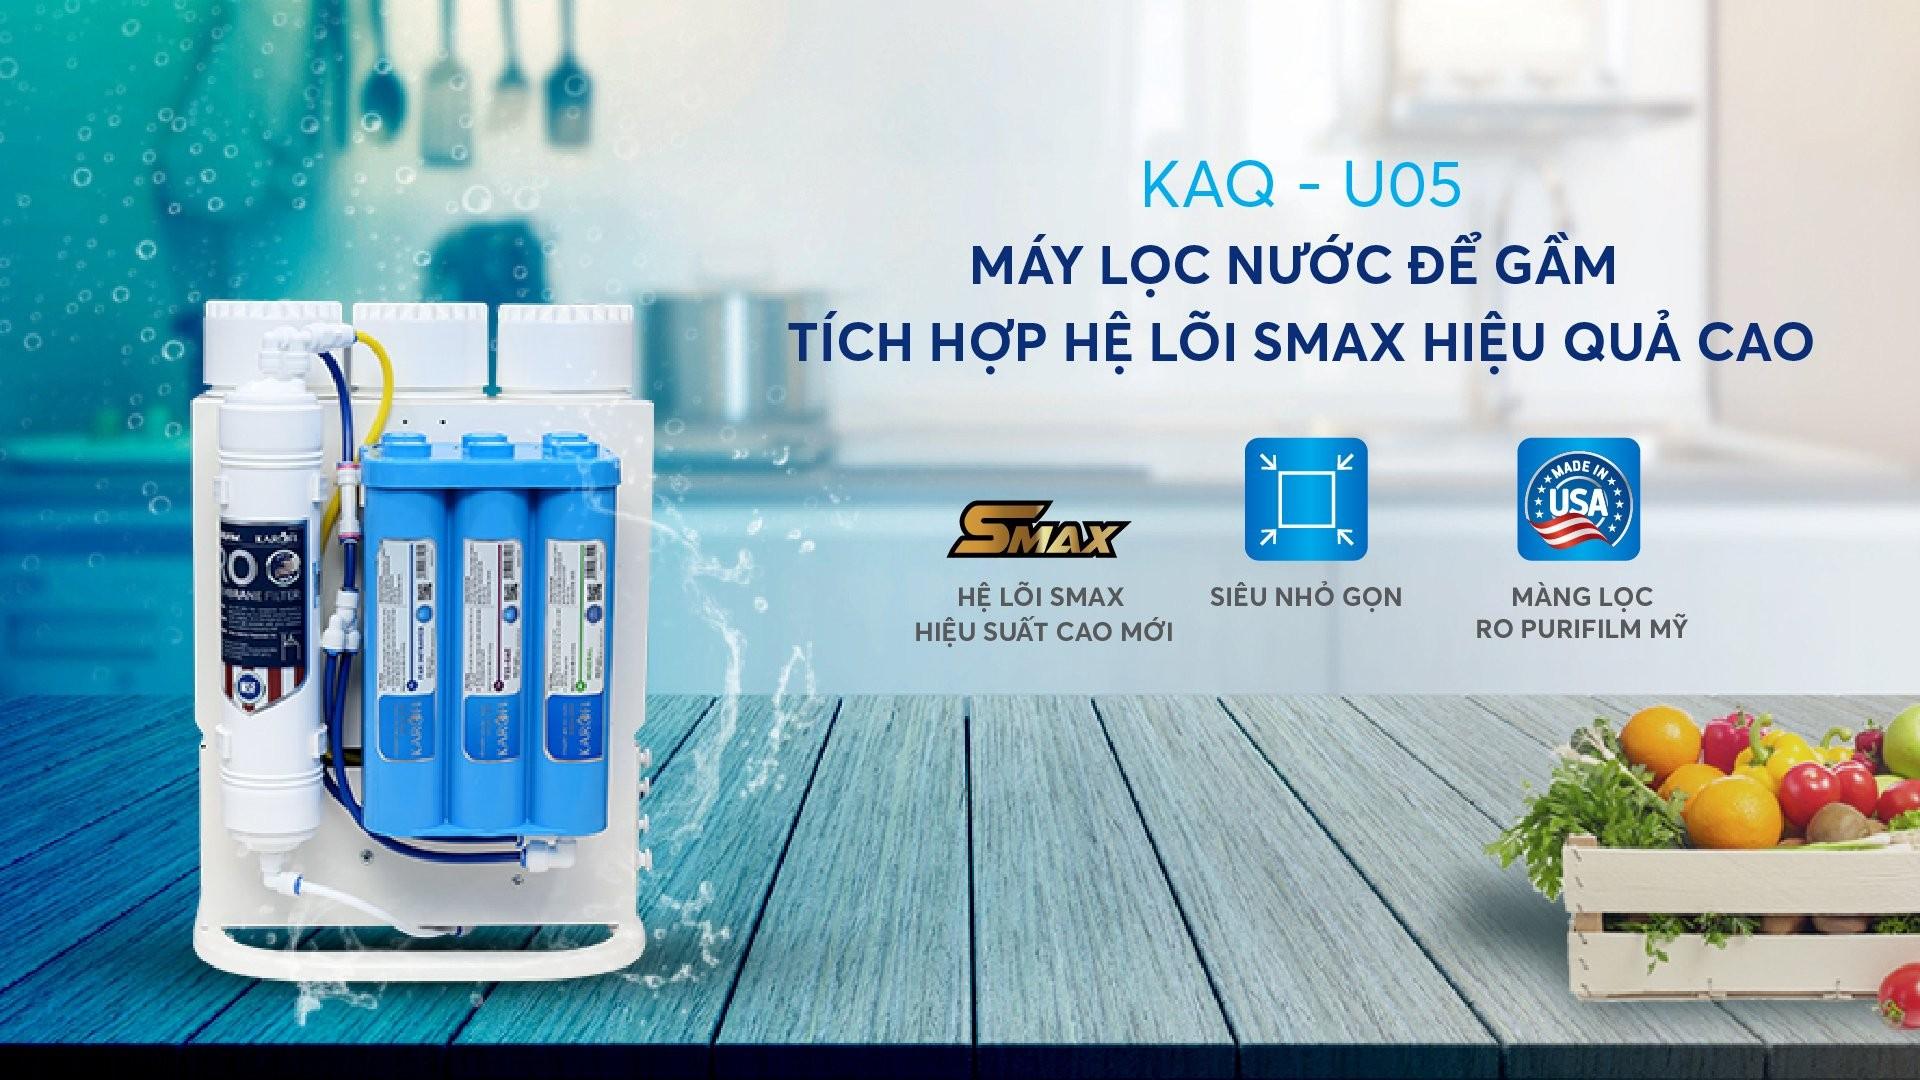 máy lọc nước karofi KAQ-U05 2021 mới